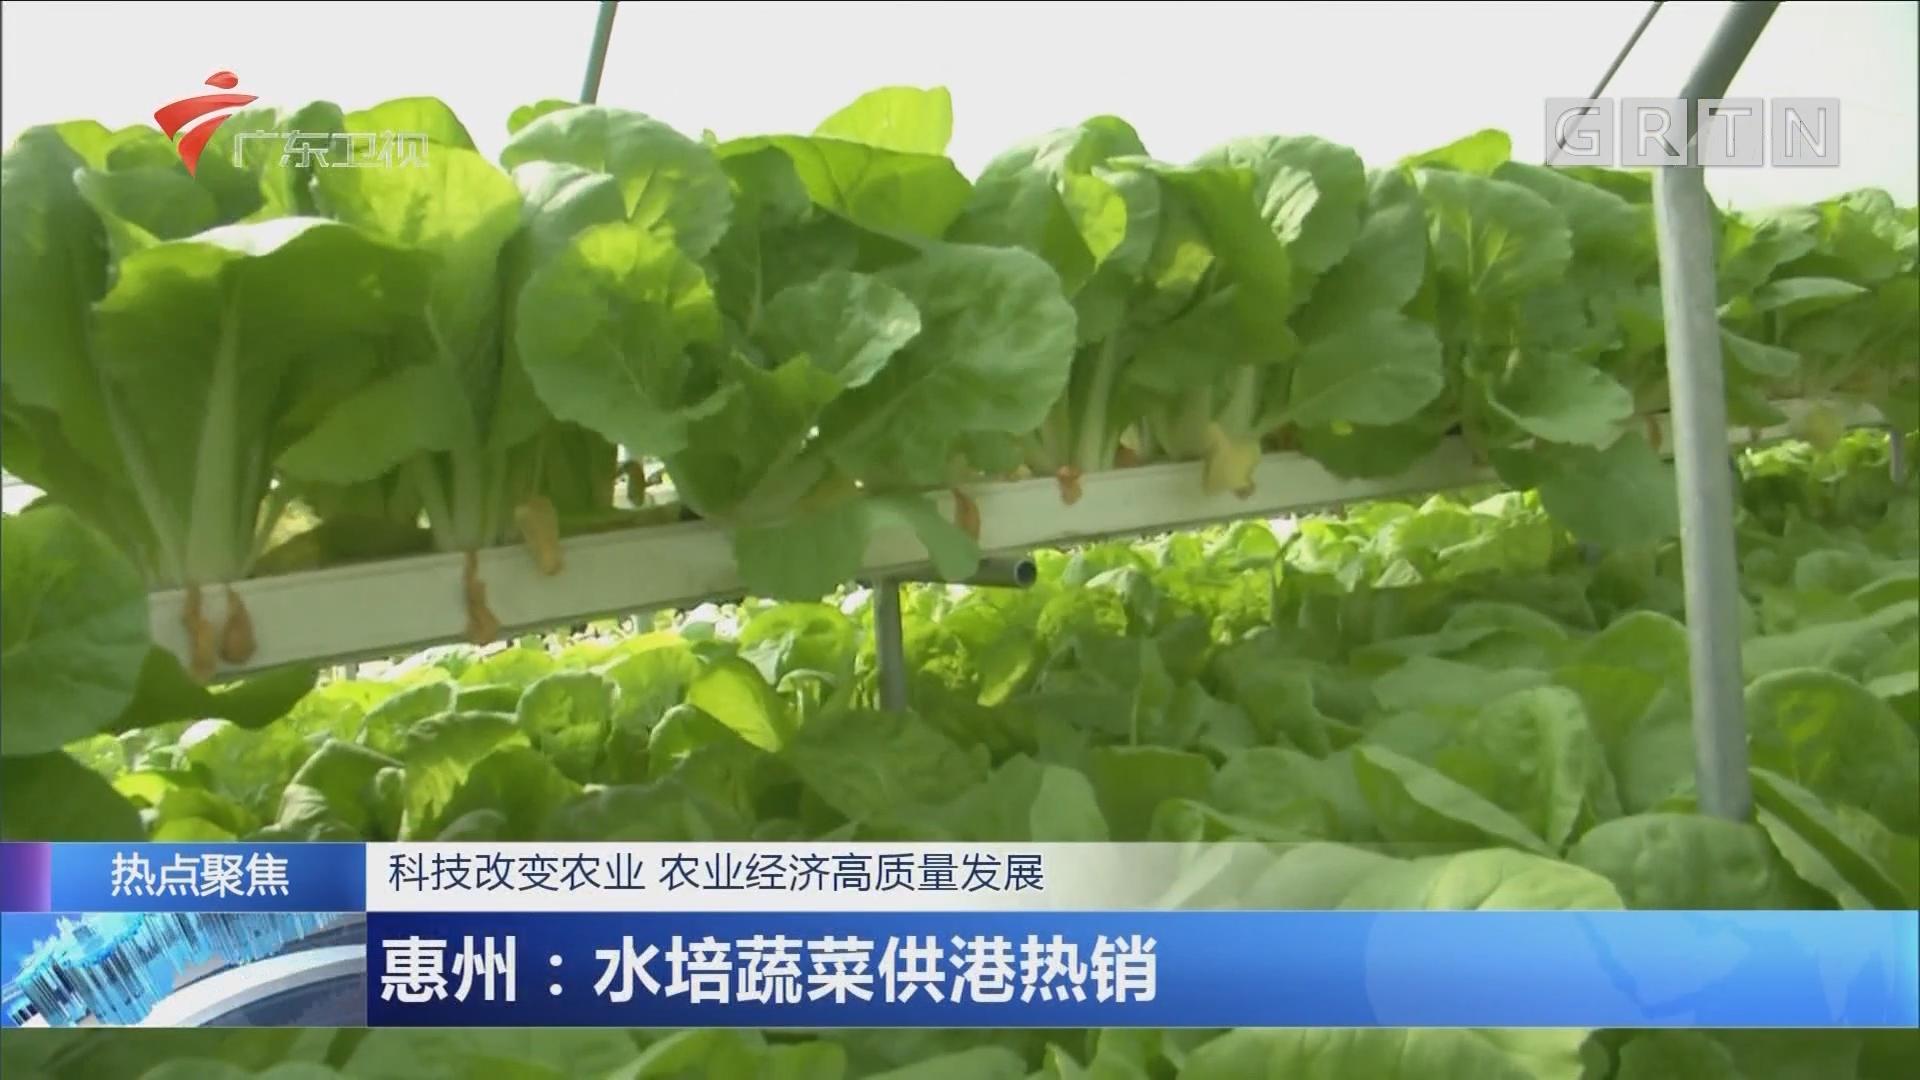 科技改变农业 农业经济高质量发展 惠州:水培蔬菜供港热销